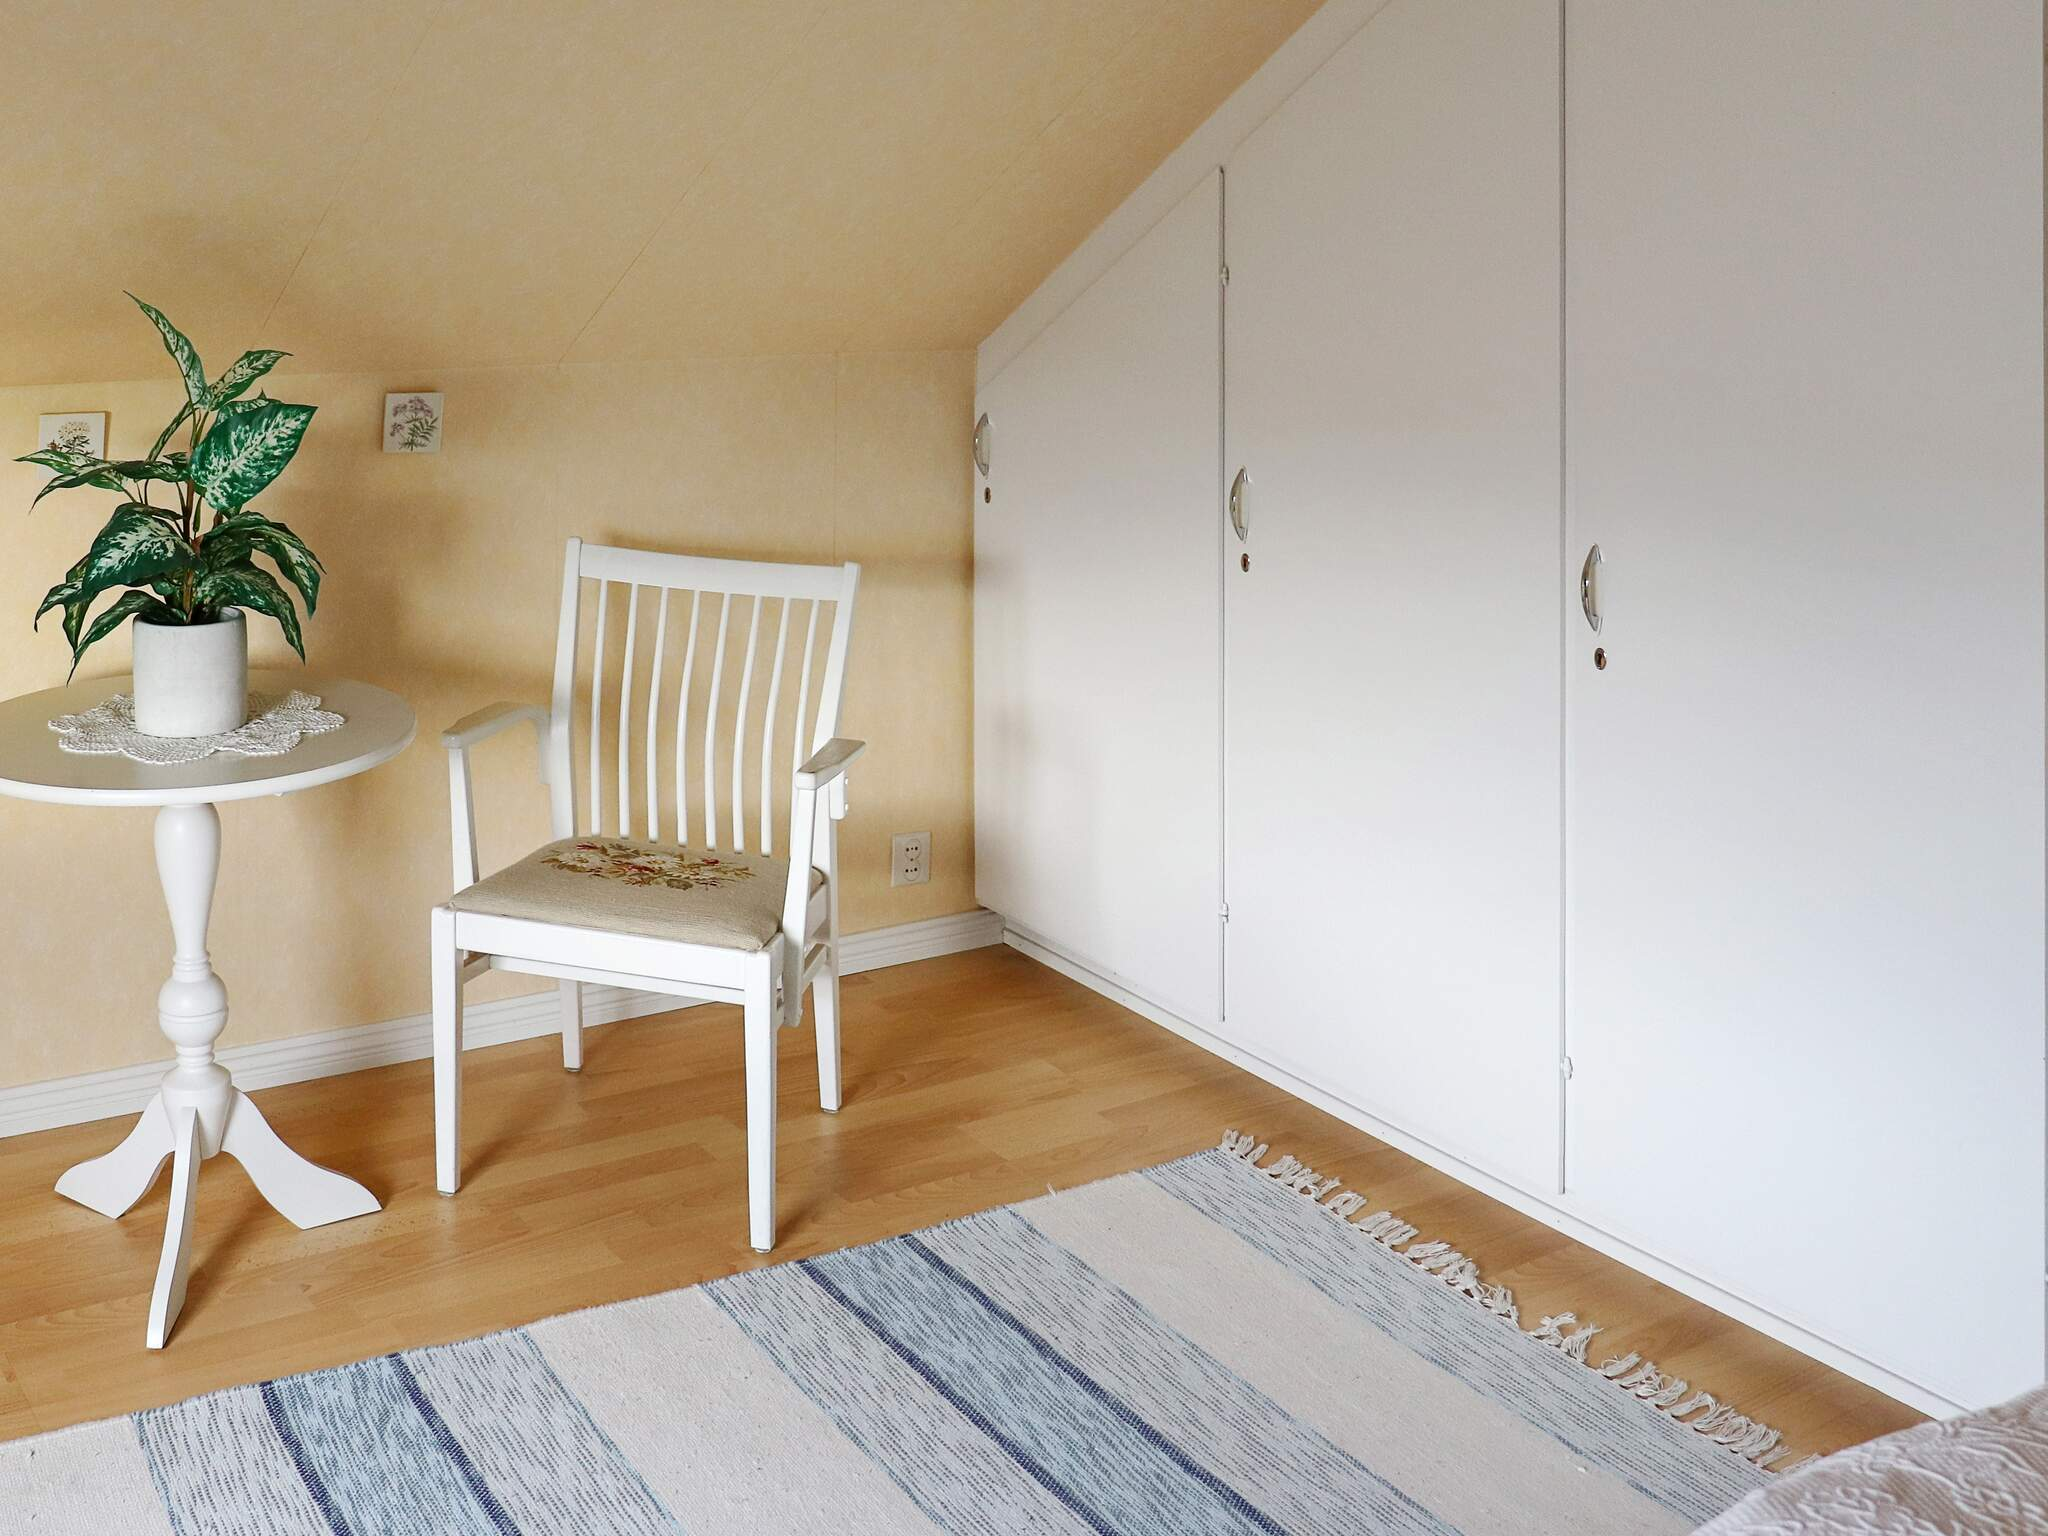 Ferienhaus Simrishamn (2701533), Simrishamn, Skane län, Südschweden, Schweden, Bild 14